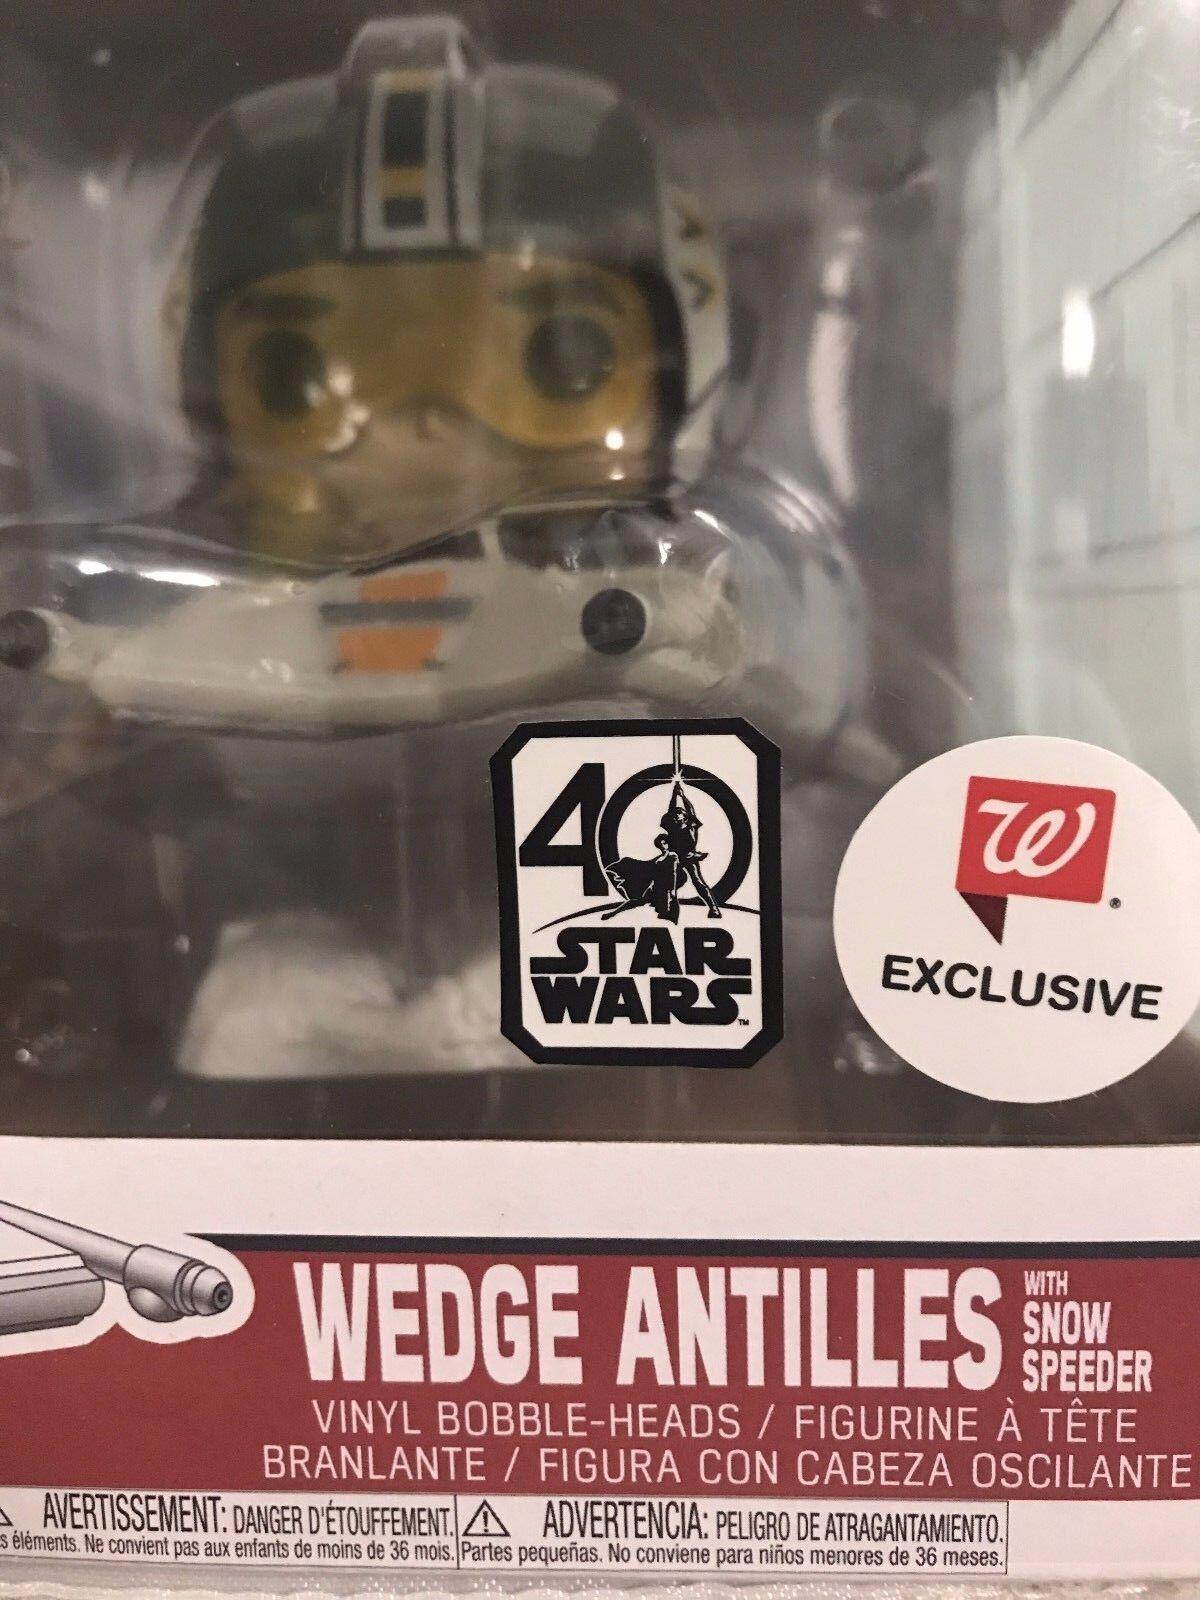 Funko Wedge Antilles Snow Speeder WalGrüns Exclusive Star Wars 40th Anniversary